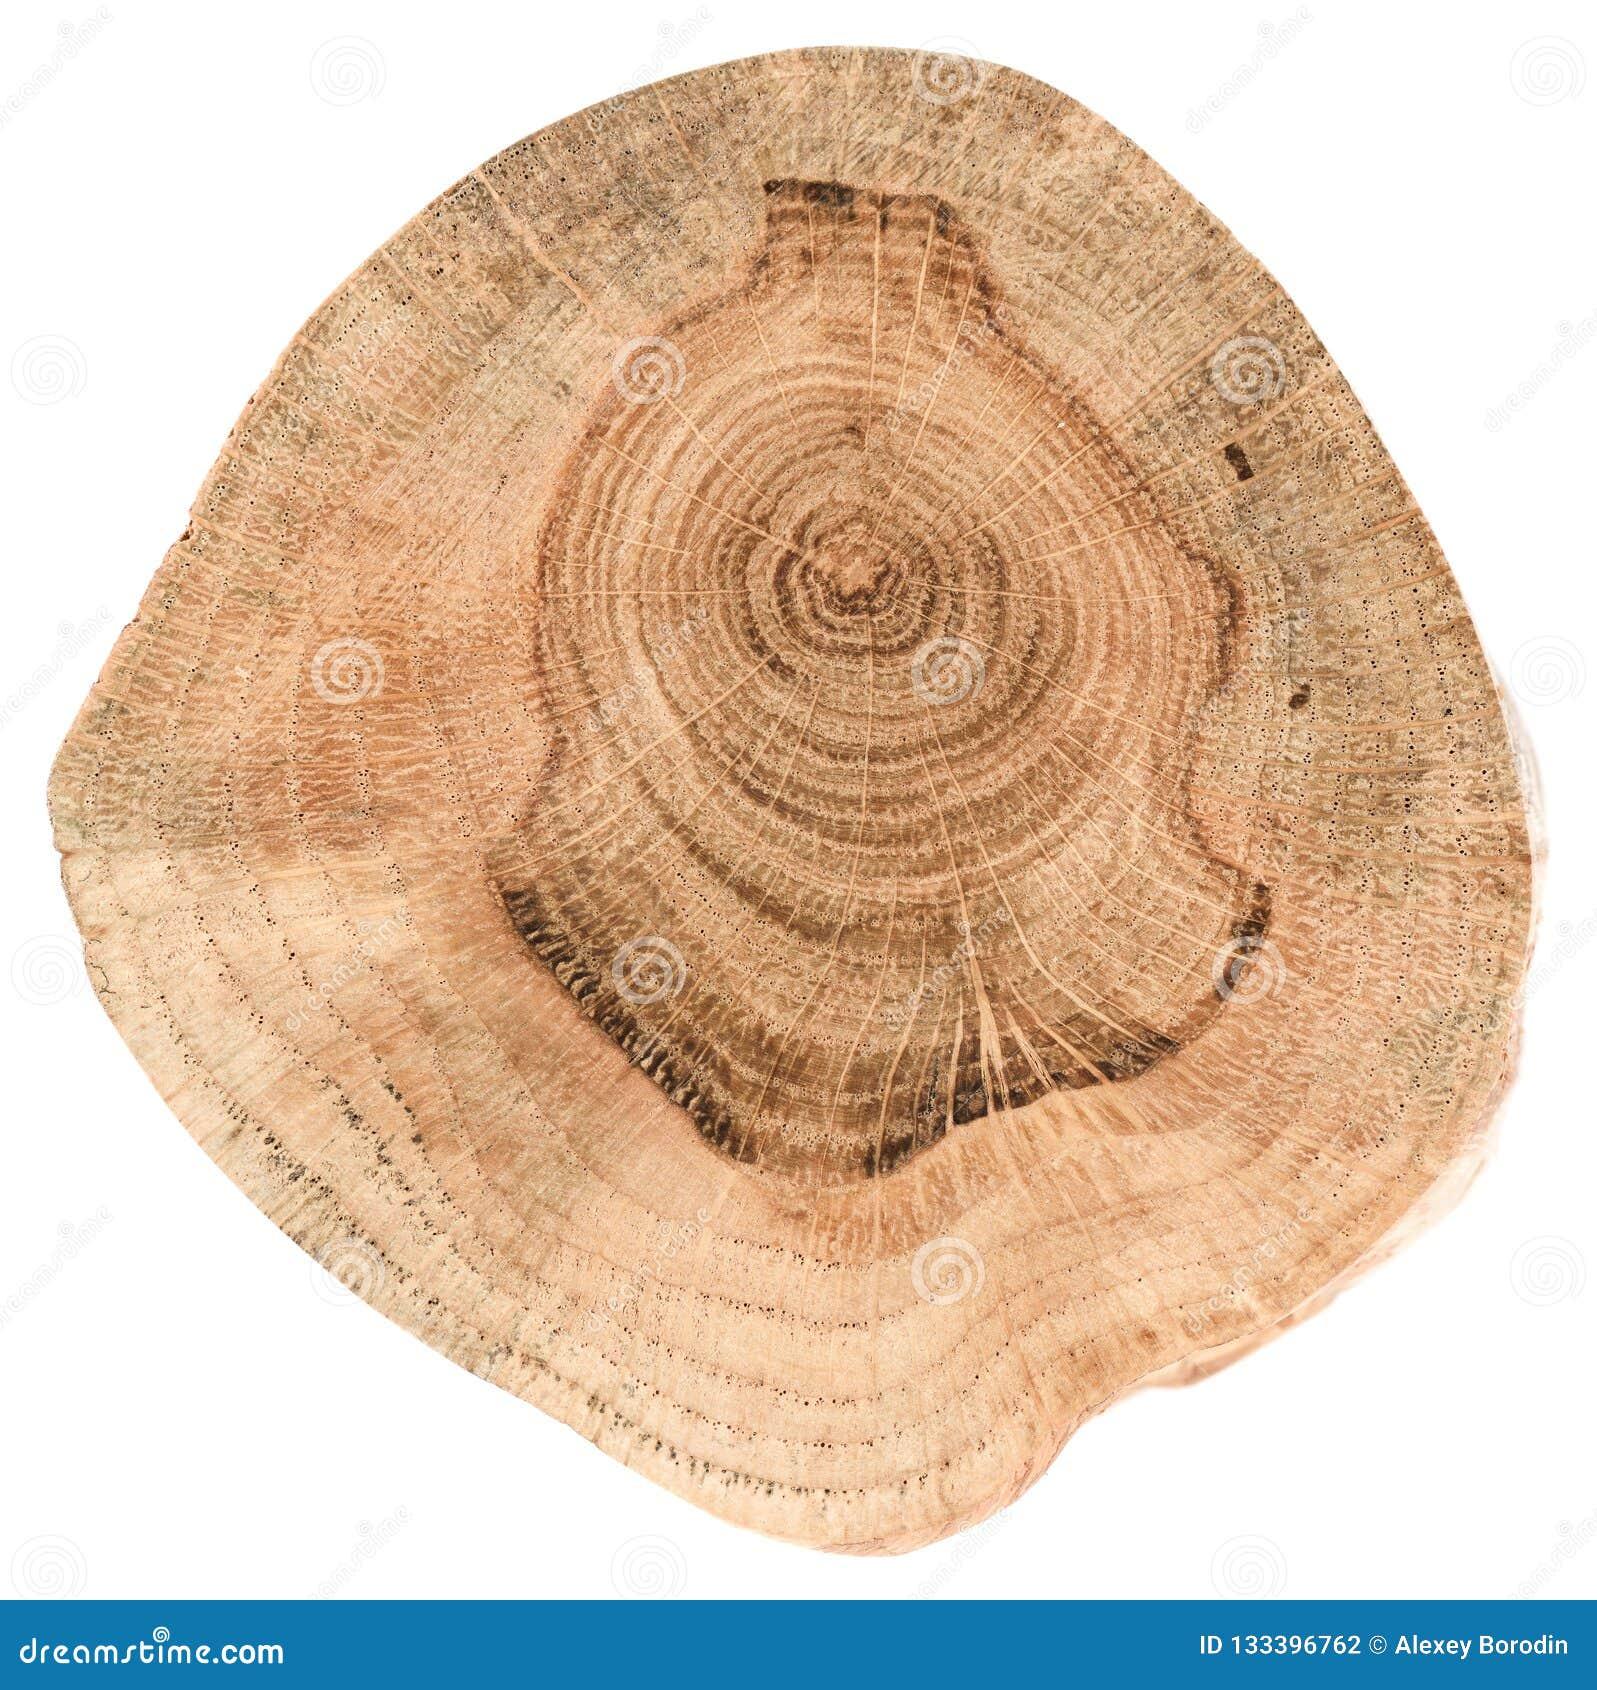 Oak tree slice texture. Irregular shape wood slab with annual ri